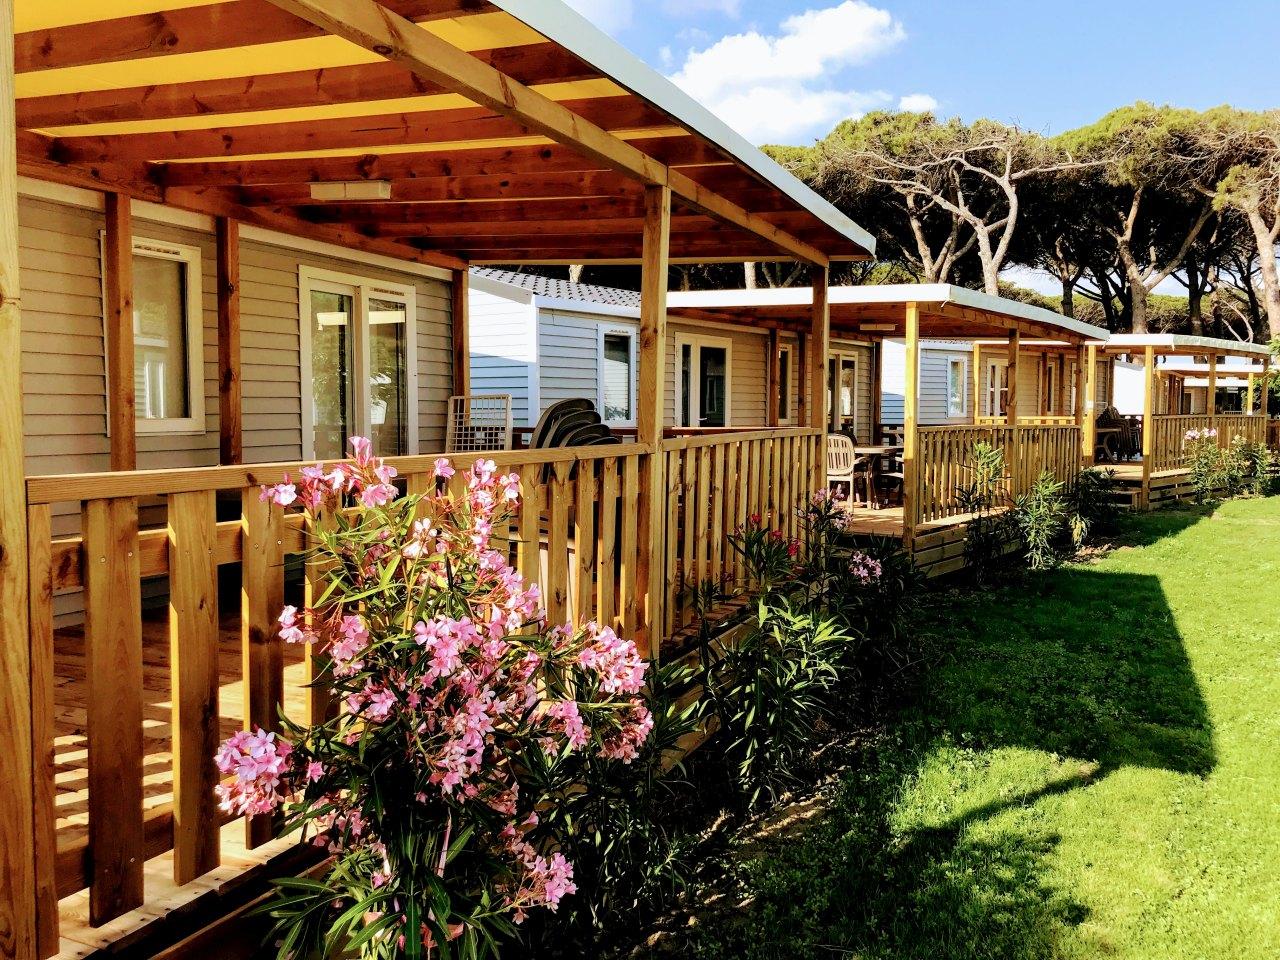 2. California Camping Village - Montalto di Castro (VT)